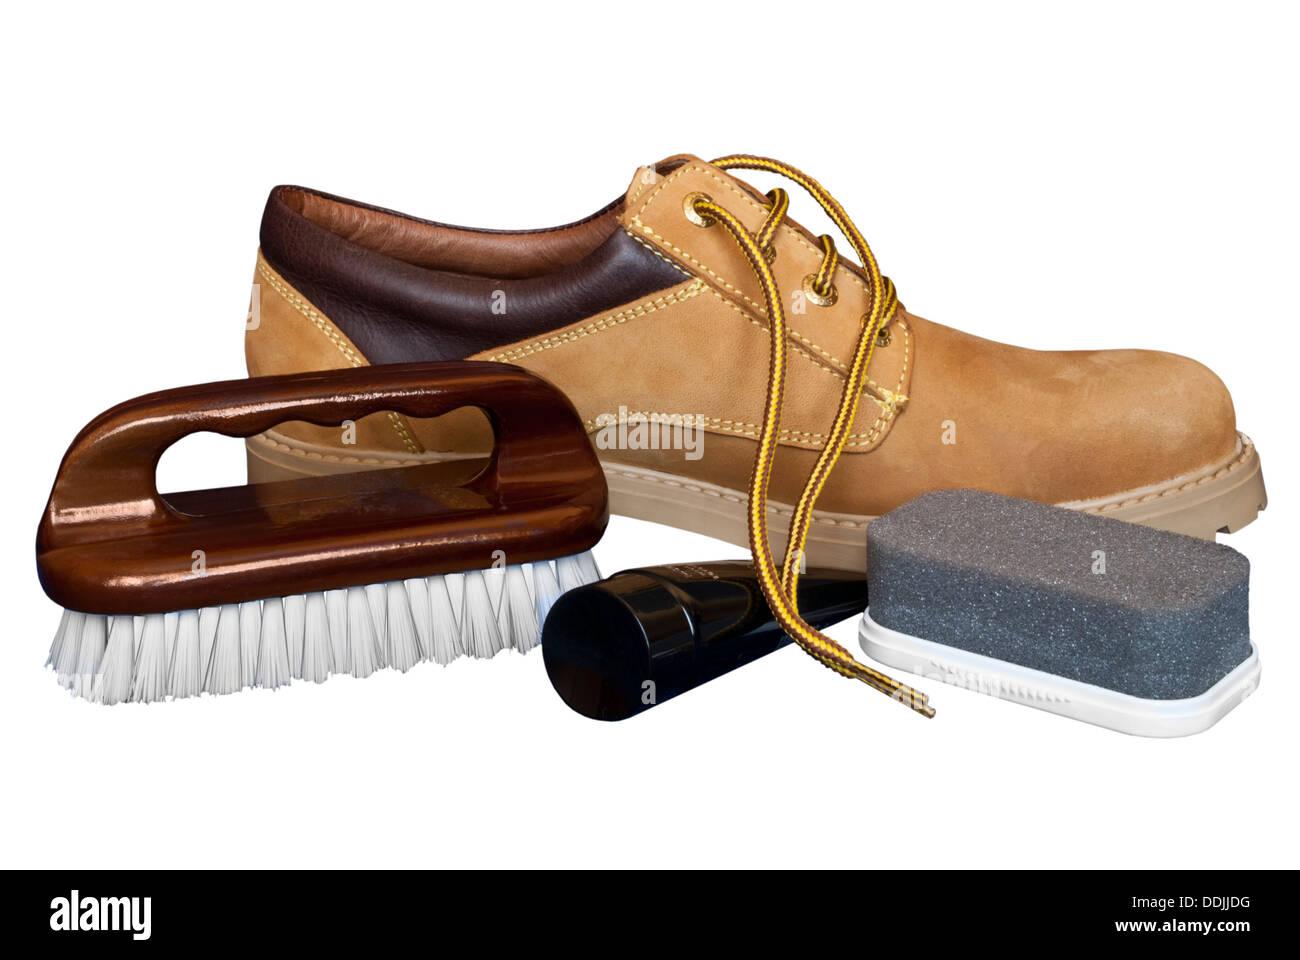 bcb0ec75b337d La composition avec le coffre et choses à faire pour les chaussures